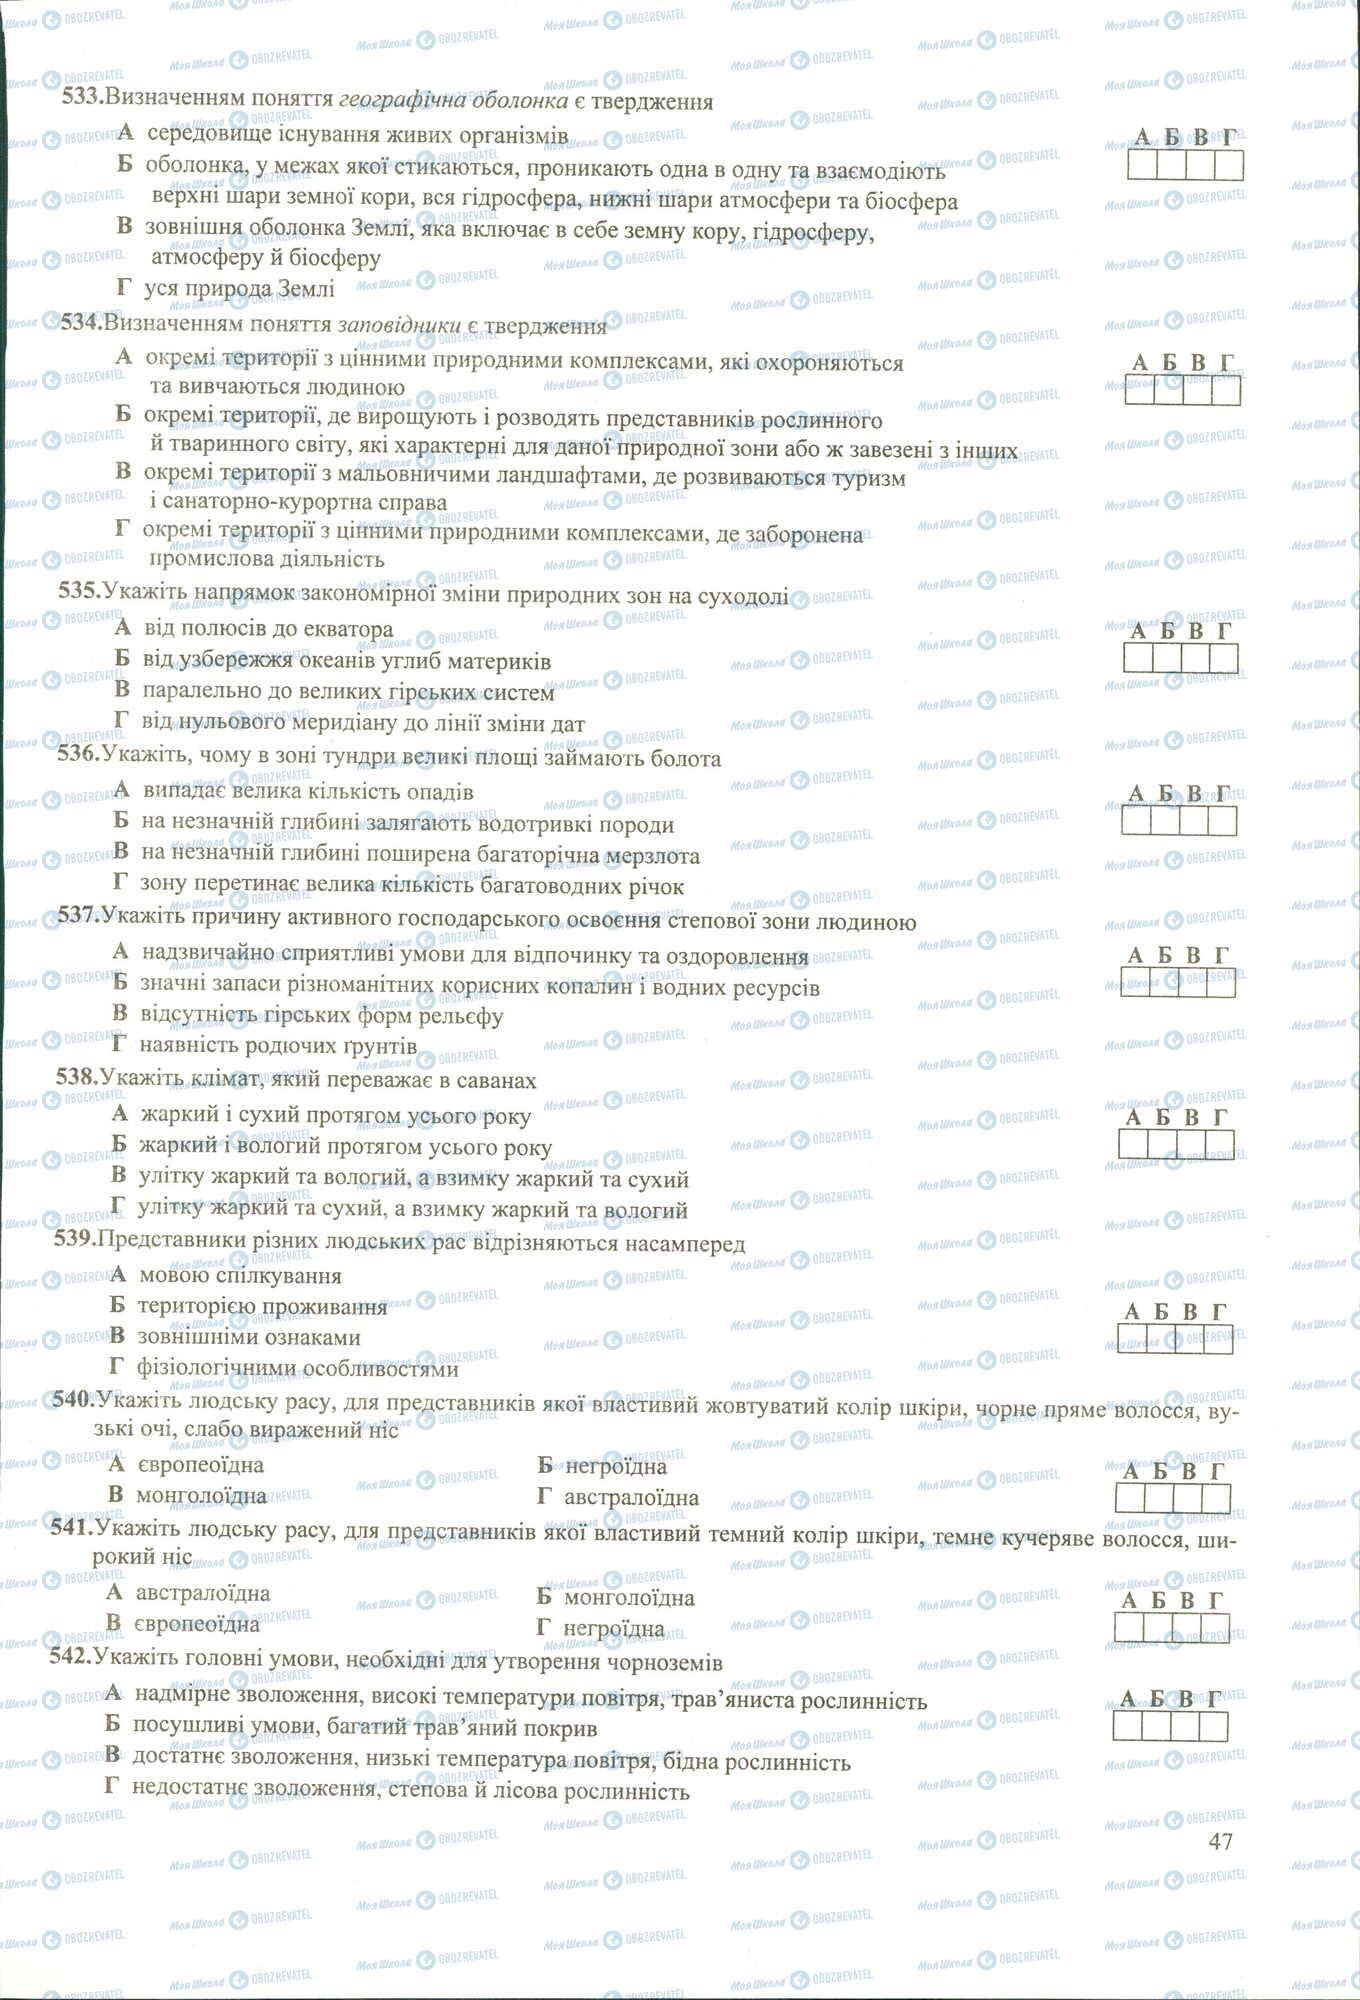 ЗНО География 11 класс страница 533-542